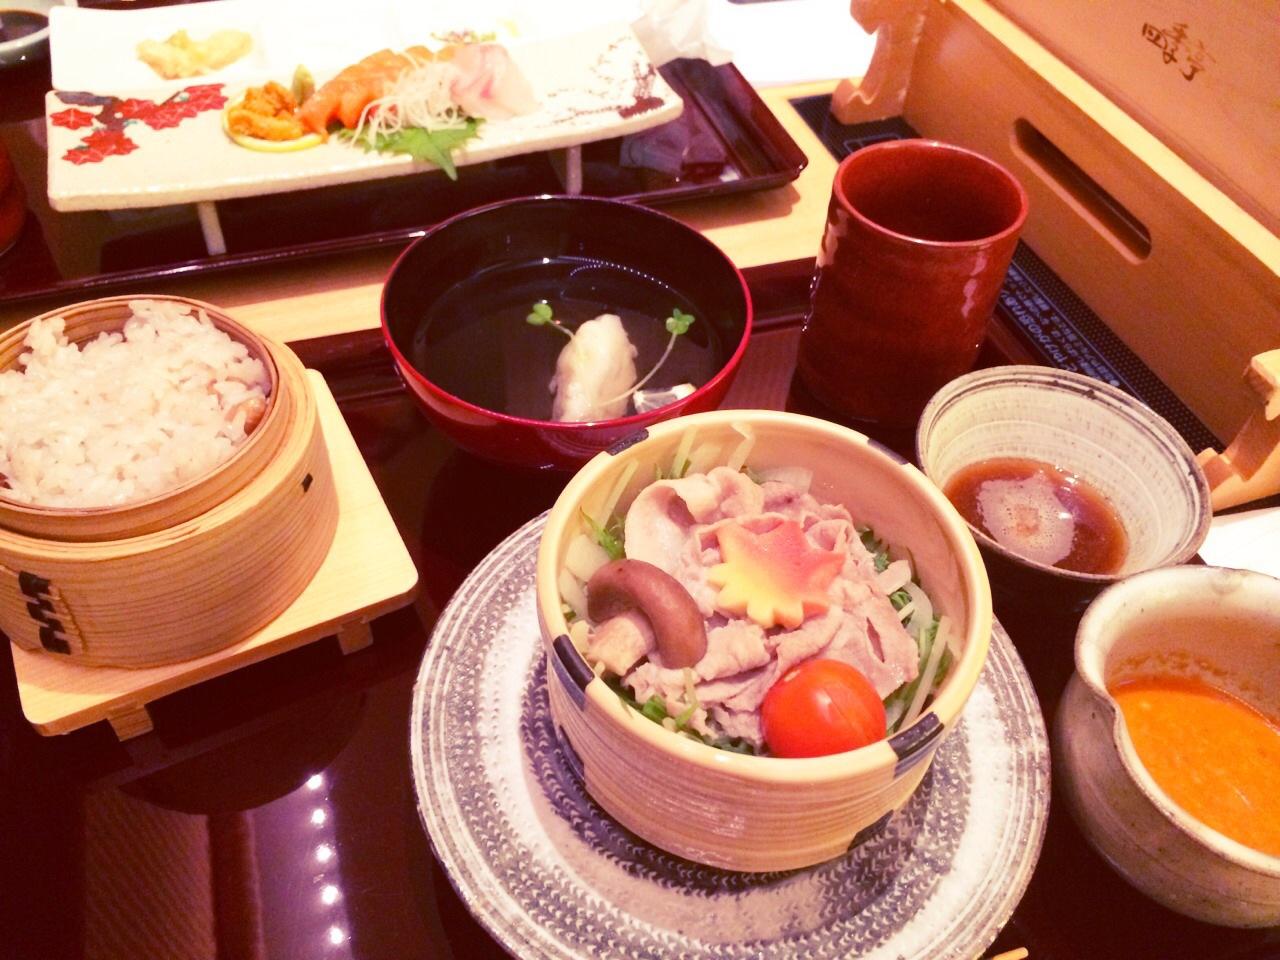 【福田病院】お祝いディナーがマジ凄い@出産した時のご飯の写真など